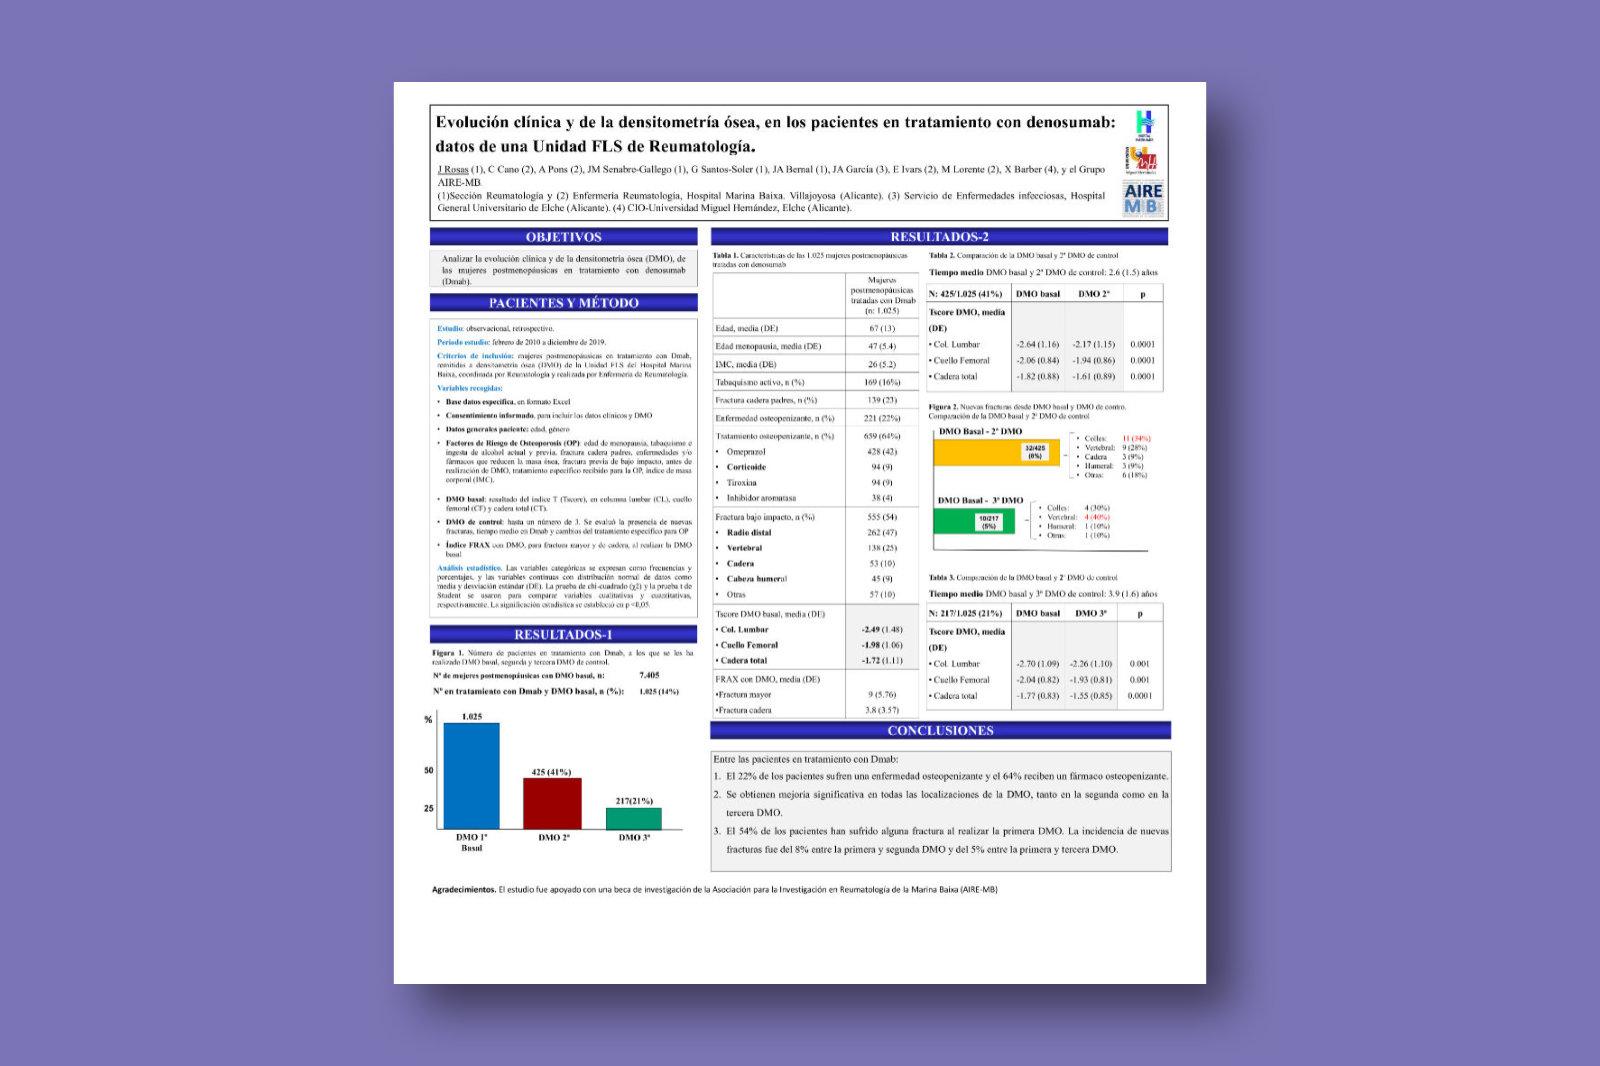 Evolución clínica y de la densitometría ósea, en los pacientes en tratamiento con denosumab: datos de una unidad FLS de reumatología